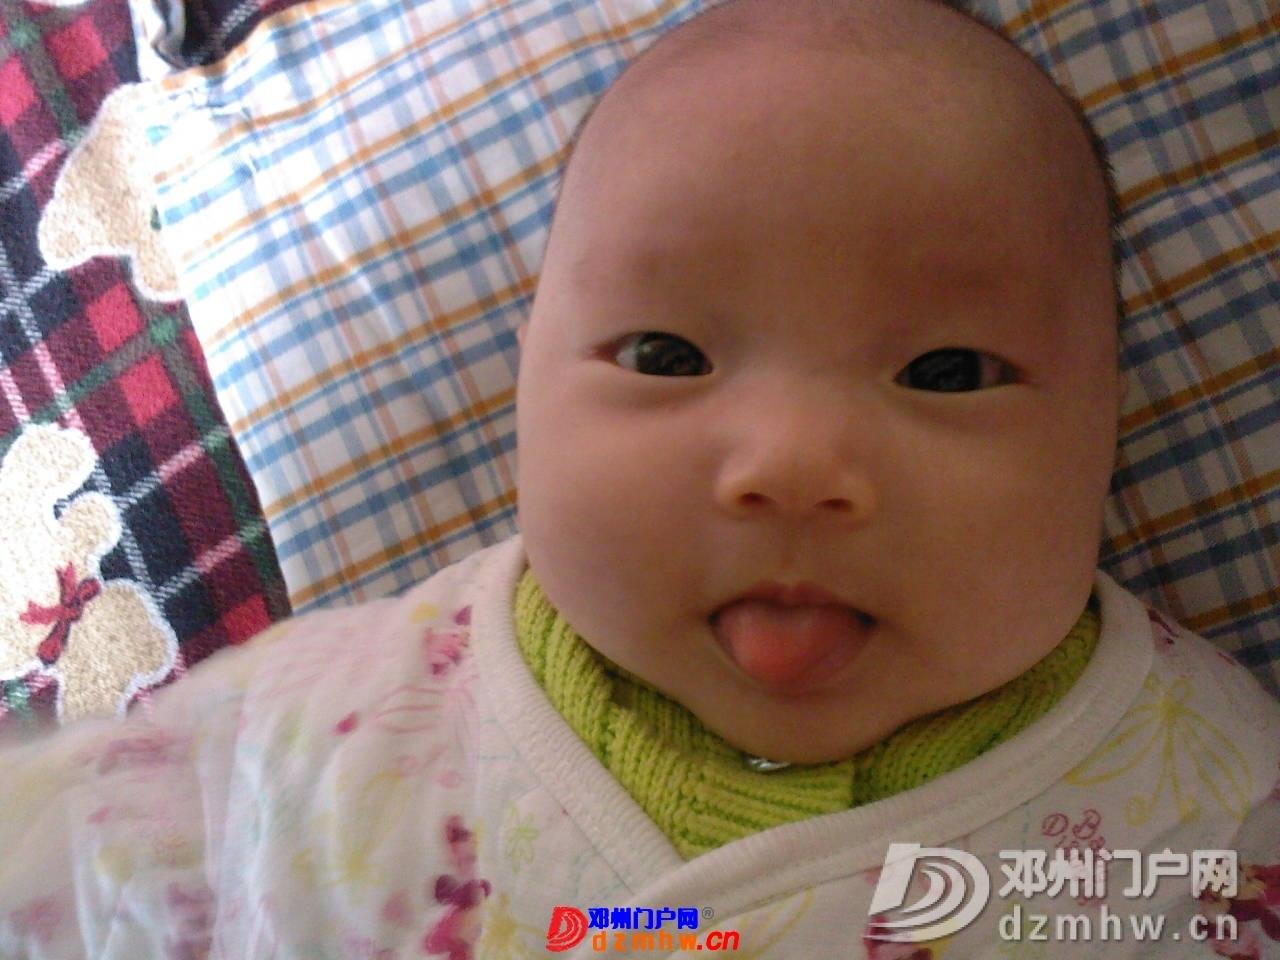 我的宝宝四十六天了,来晒一晒,看谁认识,呵呵 - 邓州门户网|邓州网 - 1001331q15ff3.jpg